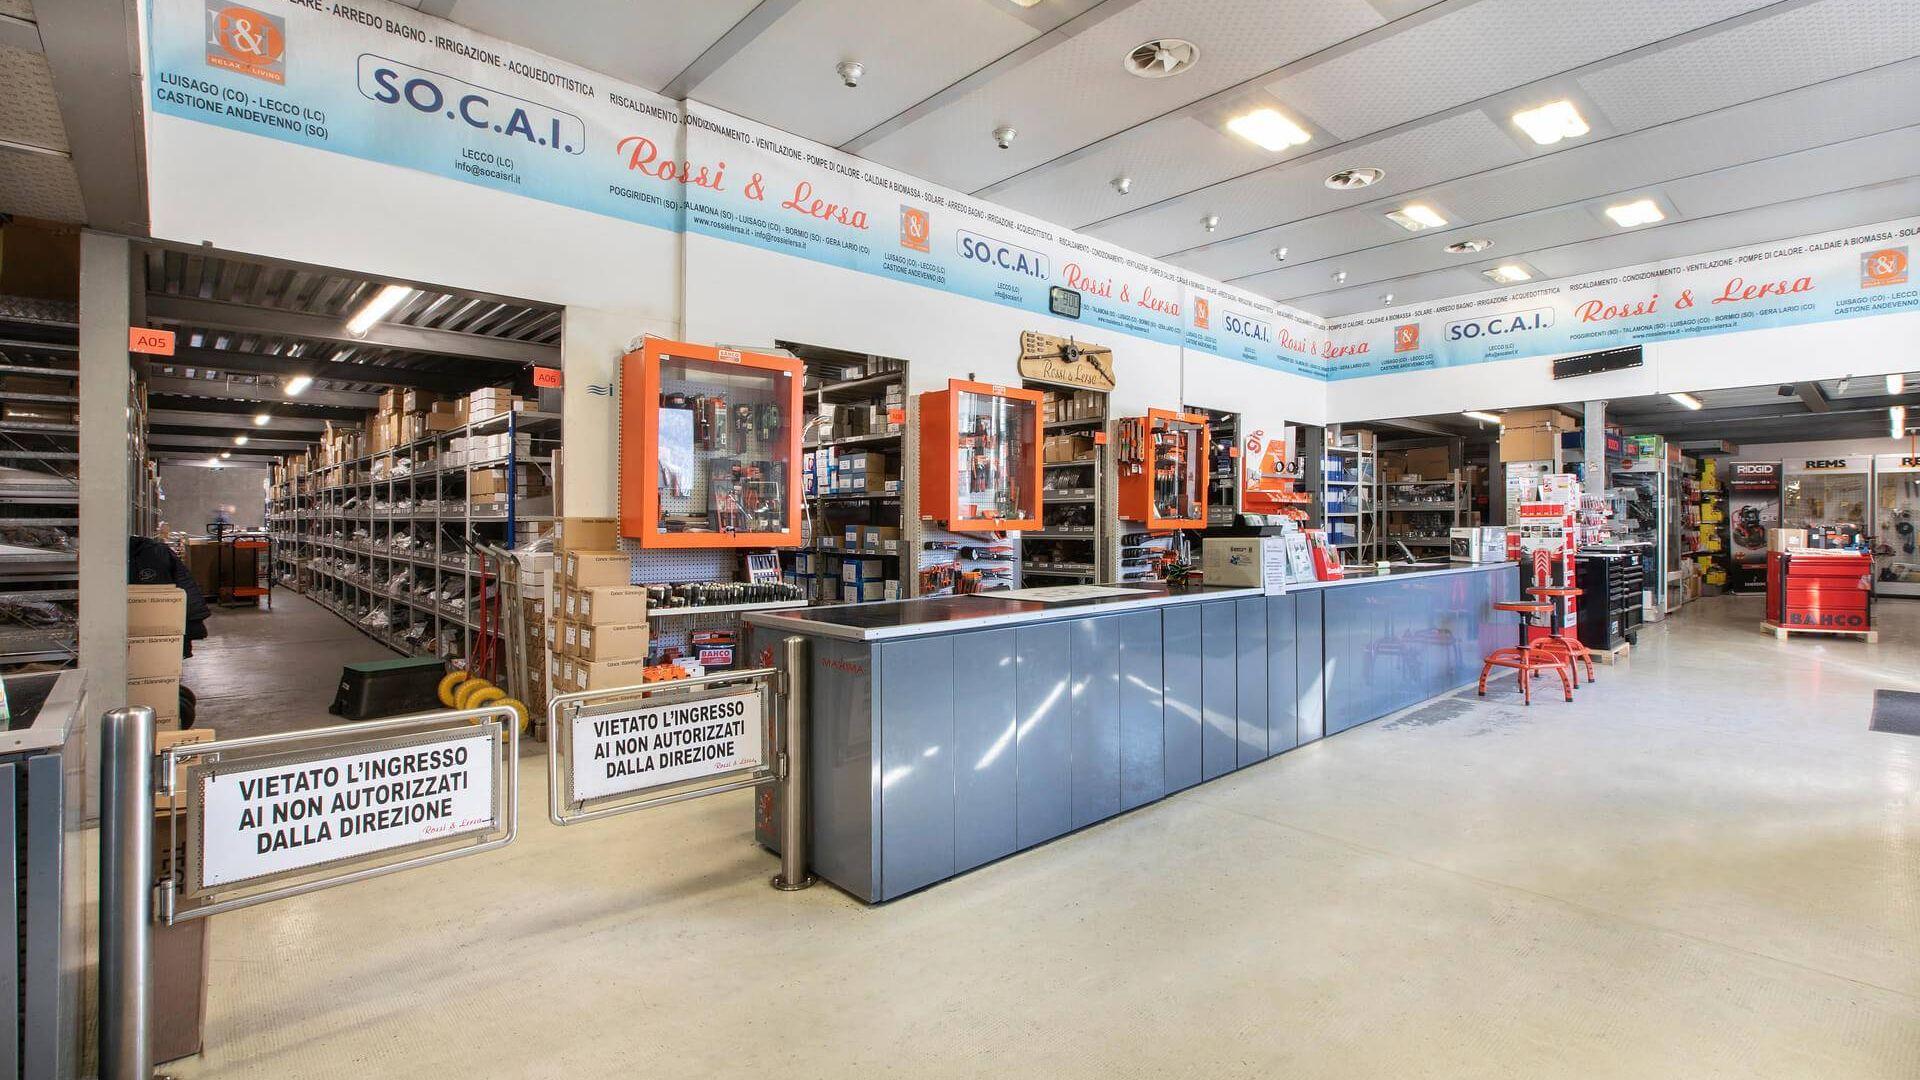 Grossisti termoidraulici: Rossi e Lersa